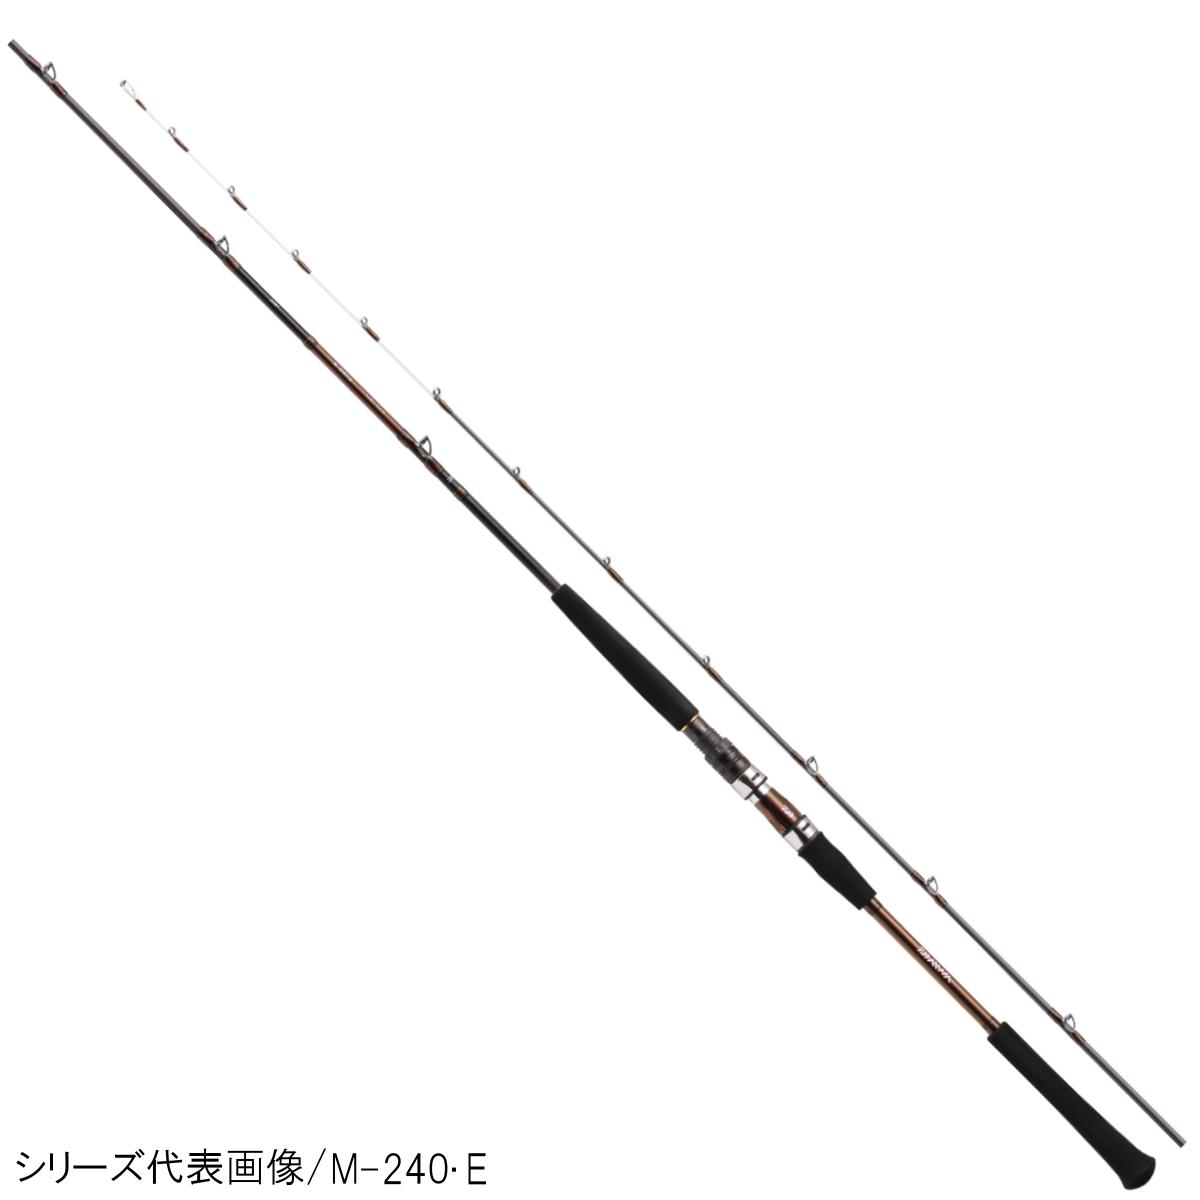 ダイワ A-ブリッツ ネライ M-180・E【送料無料】